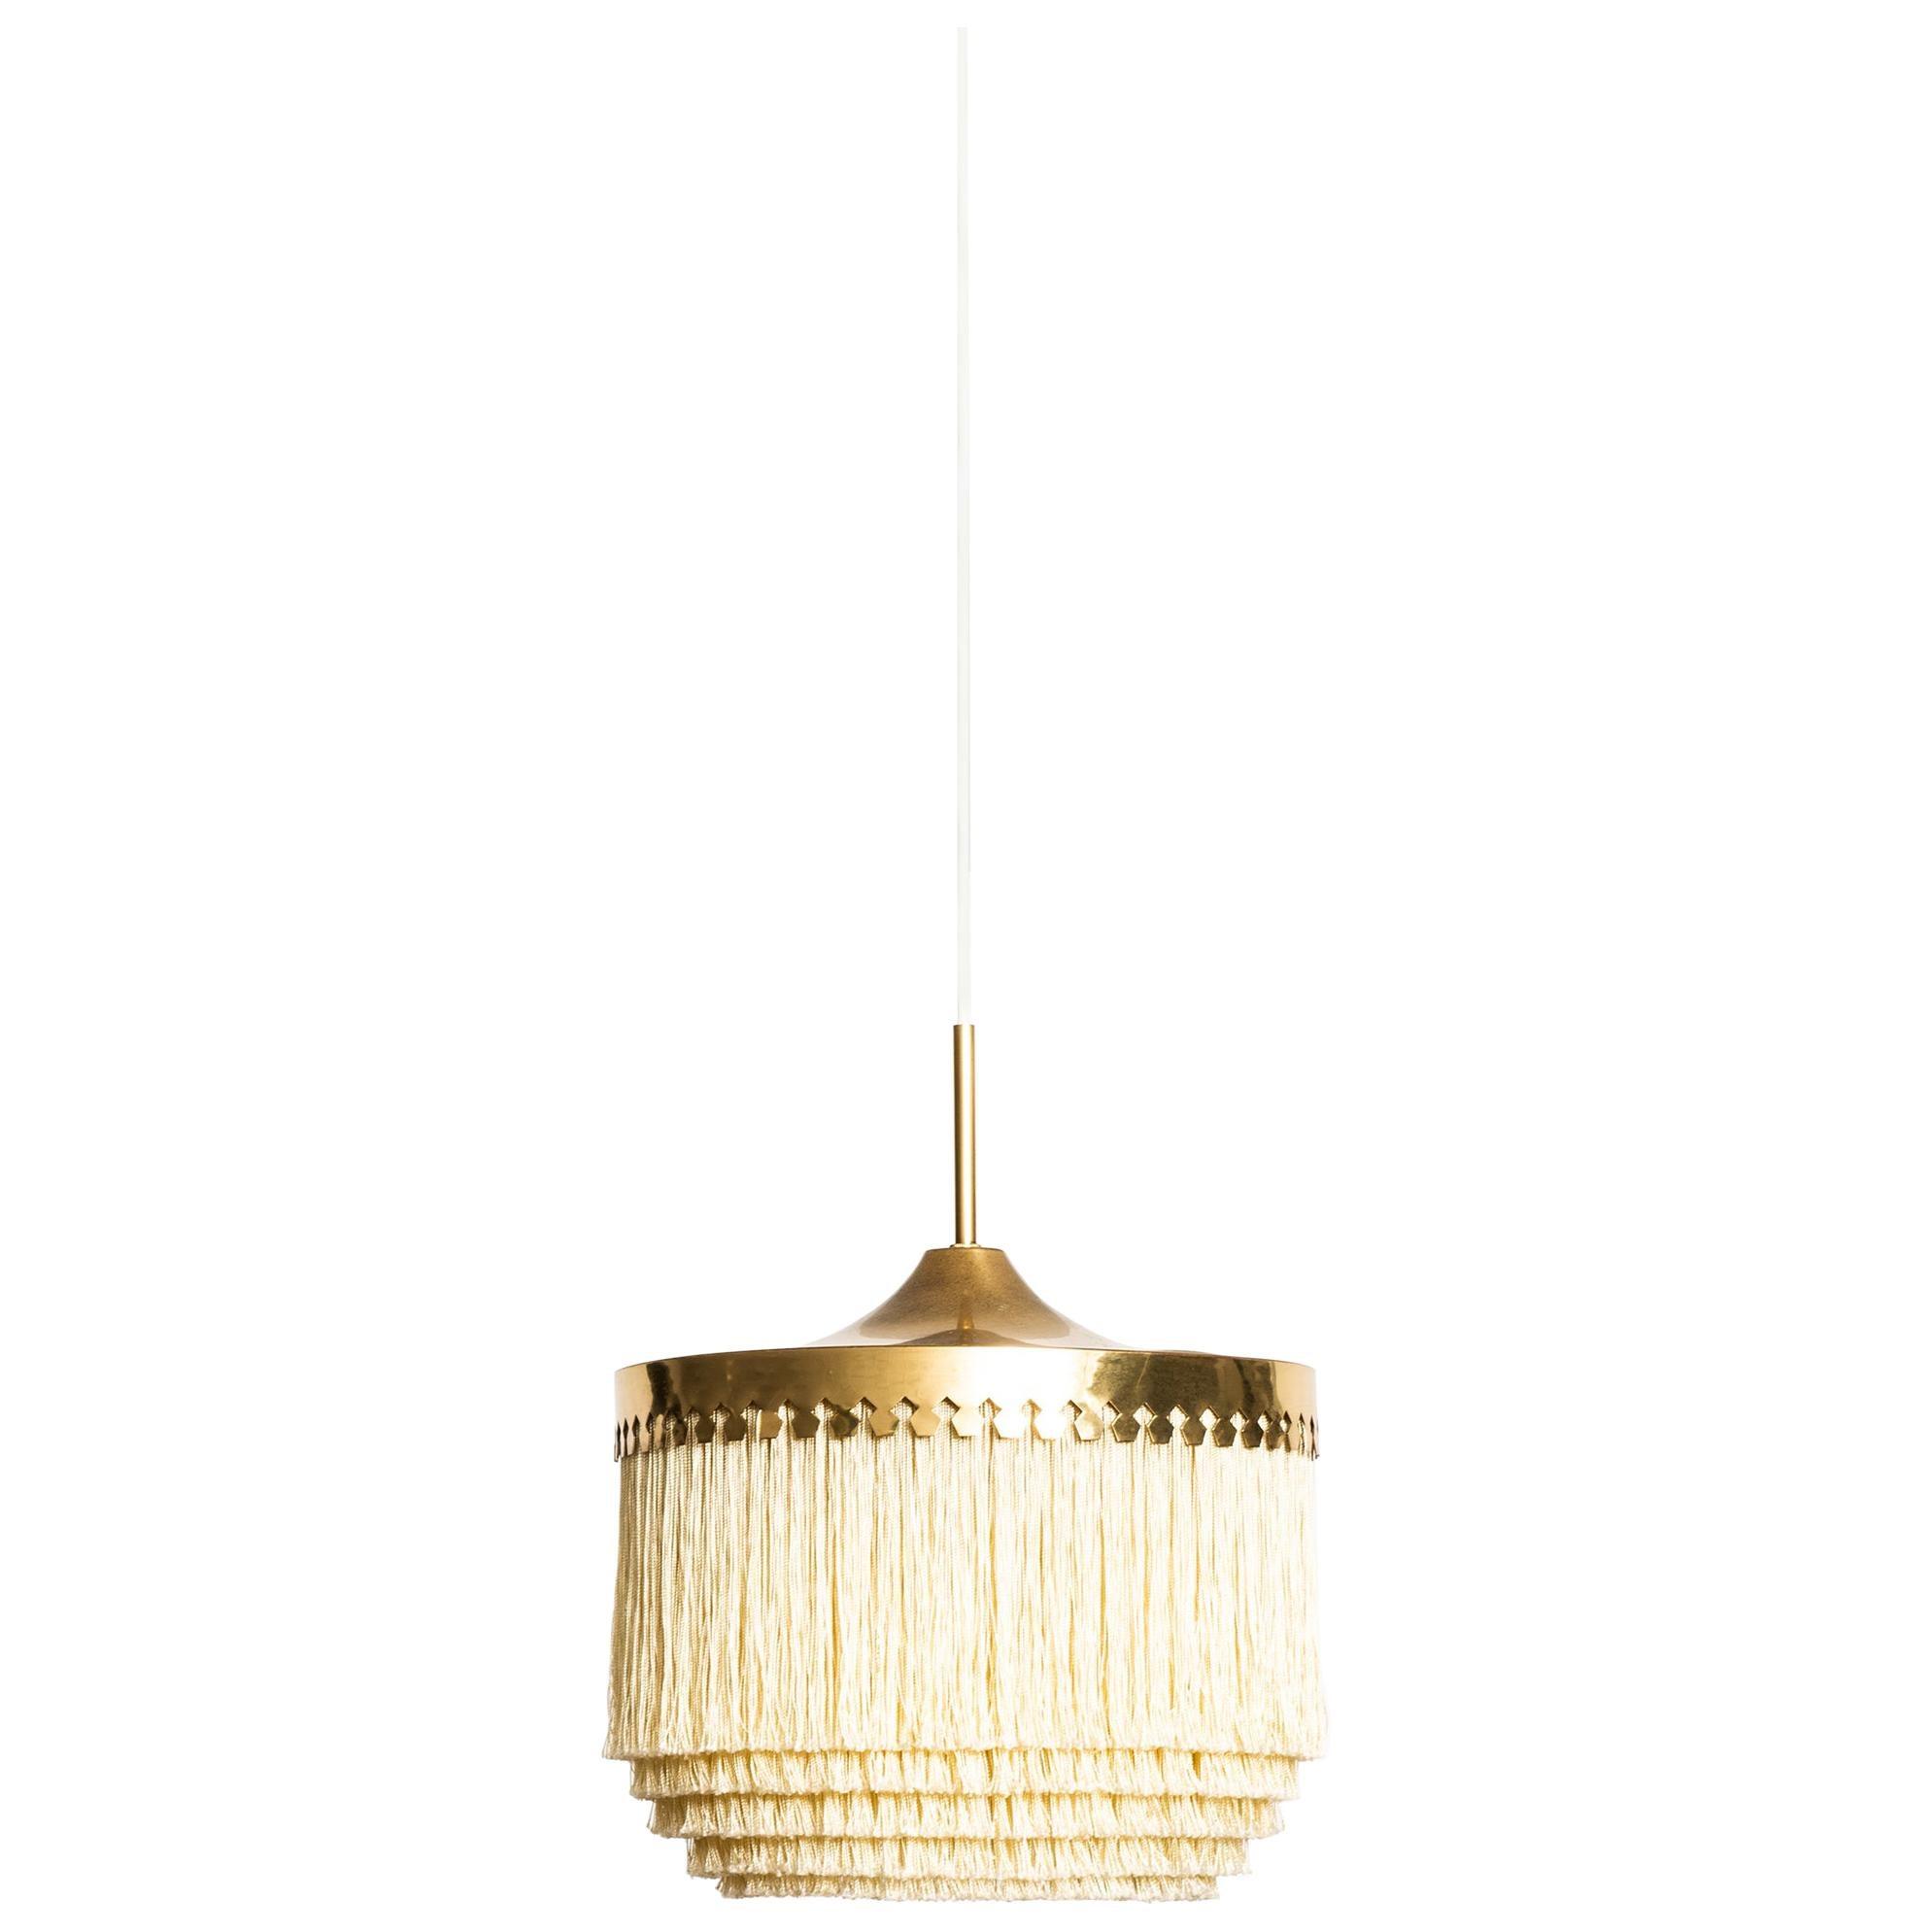 Hans-Agne Jakobsson Ceiling Lamp Model T-601/M by Hans-Agne Jakobsson AB